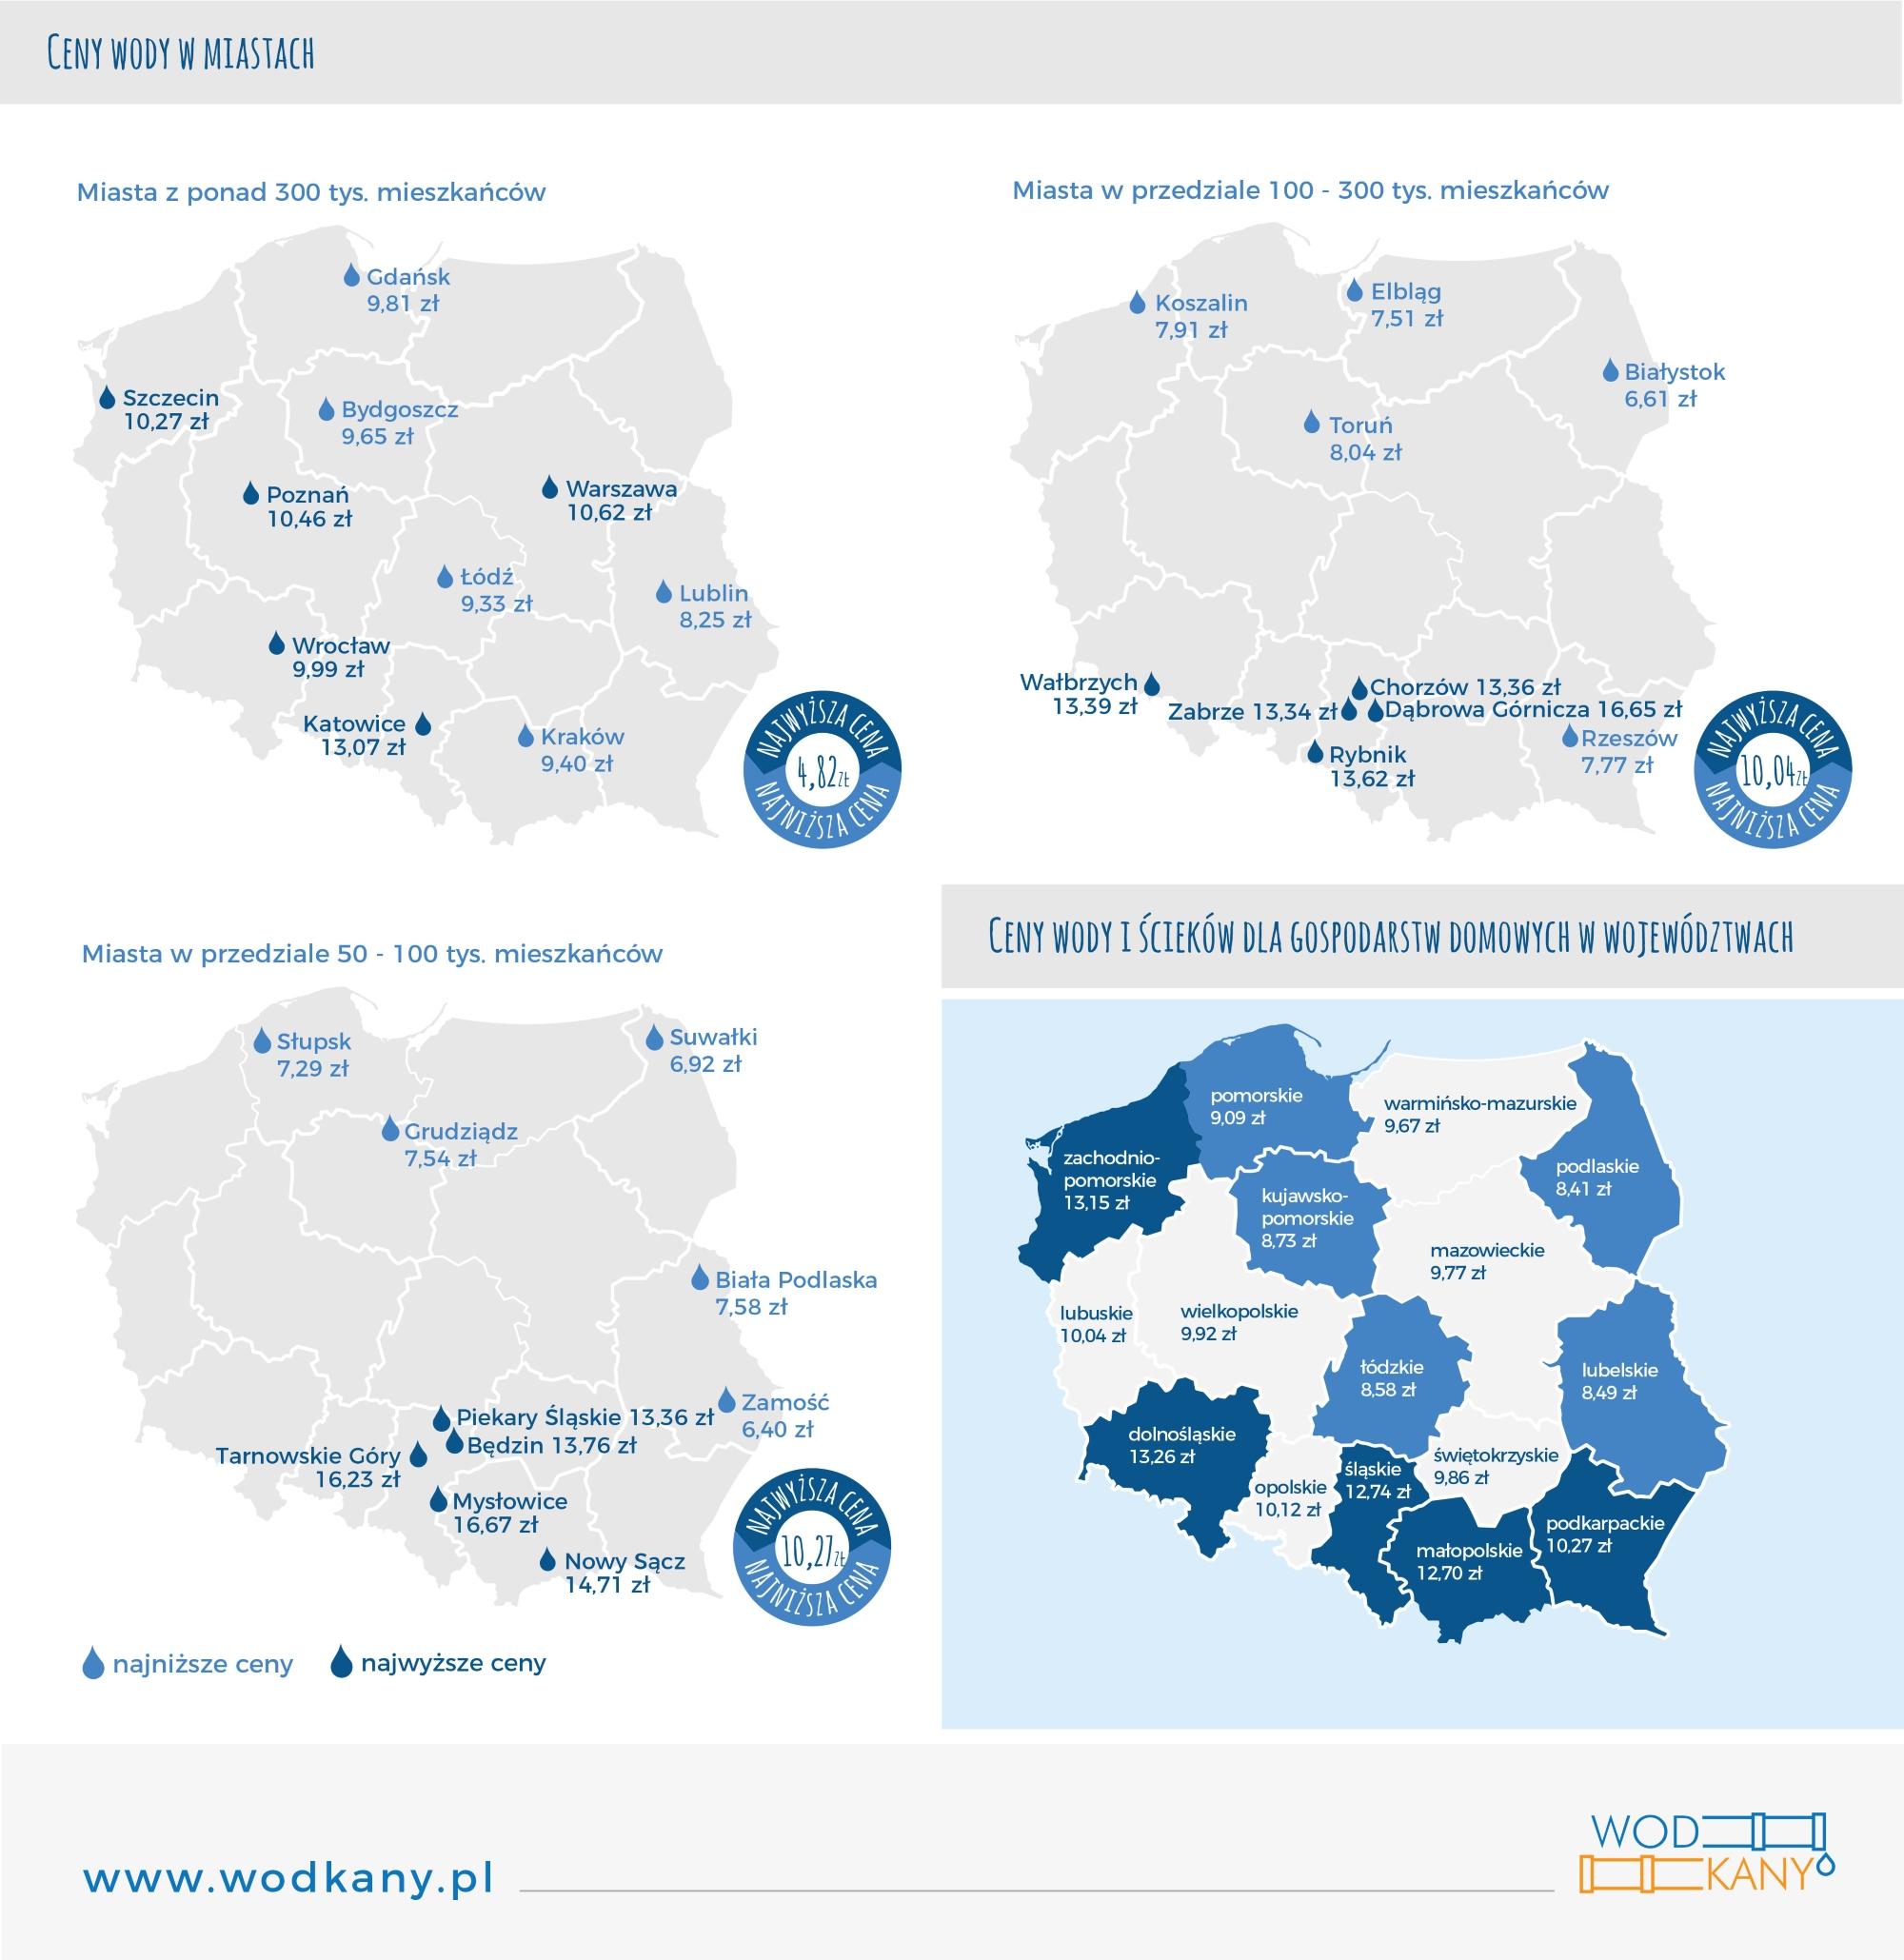 infografika-ceny-wody-w-polsce-wodkany-blog_net